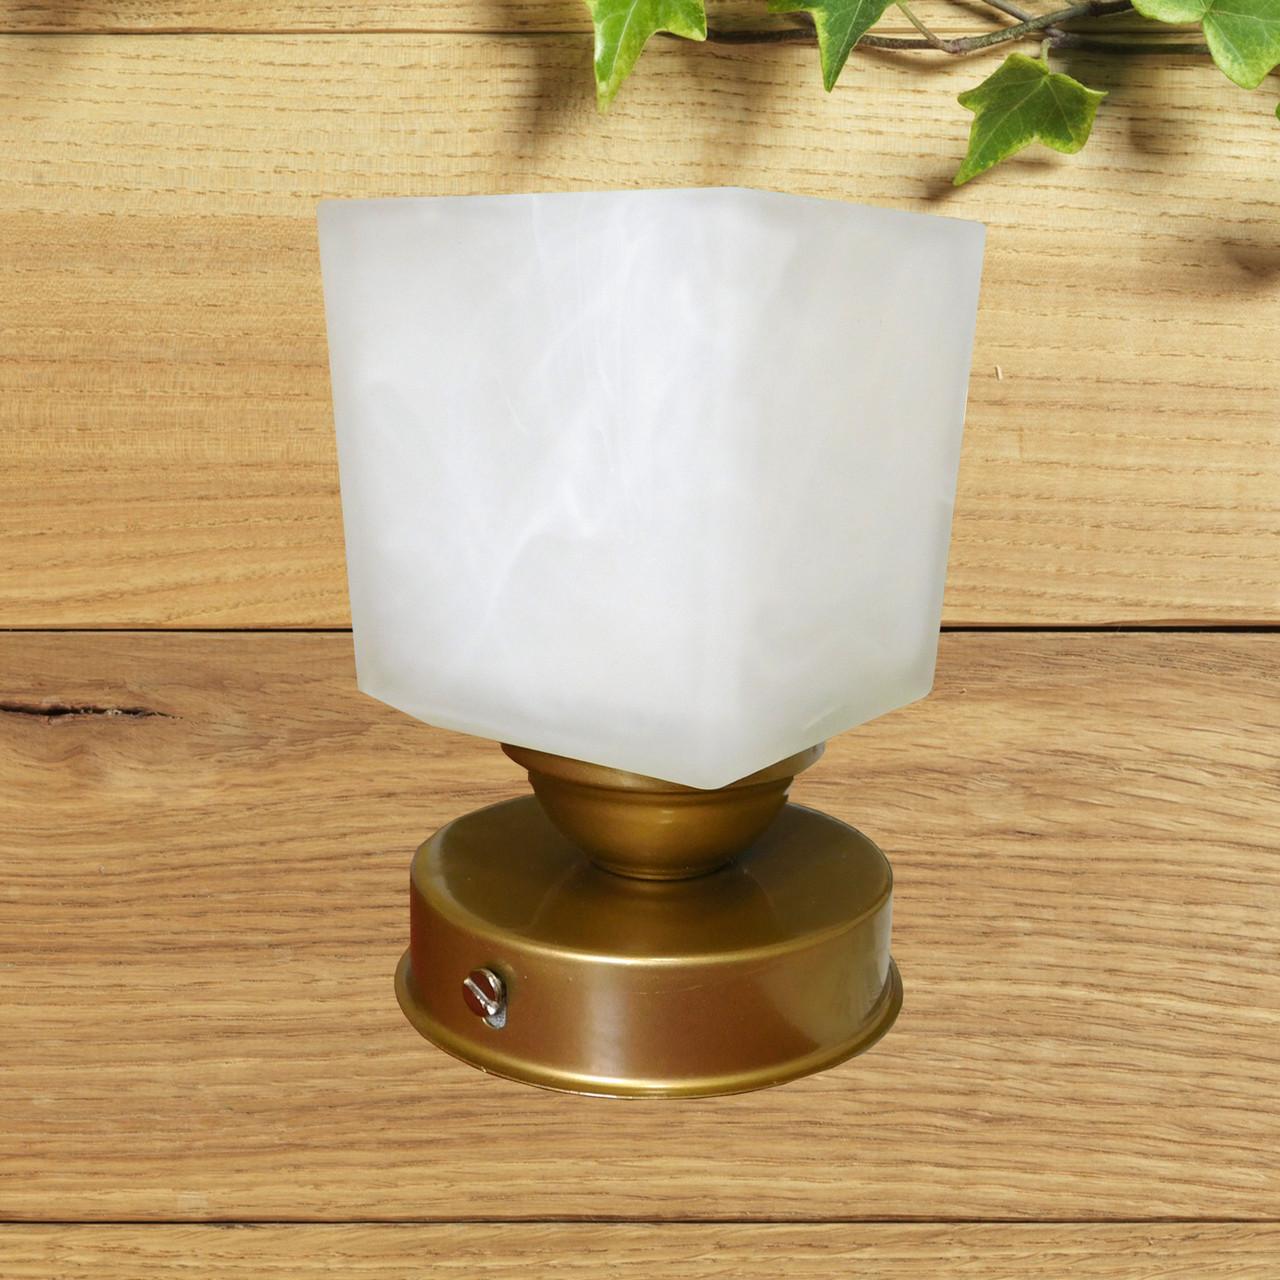 Потолочный светильник, минимализм, стандартный цоколь, золотистый цвет, квадратный плафон